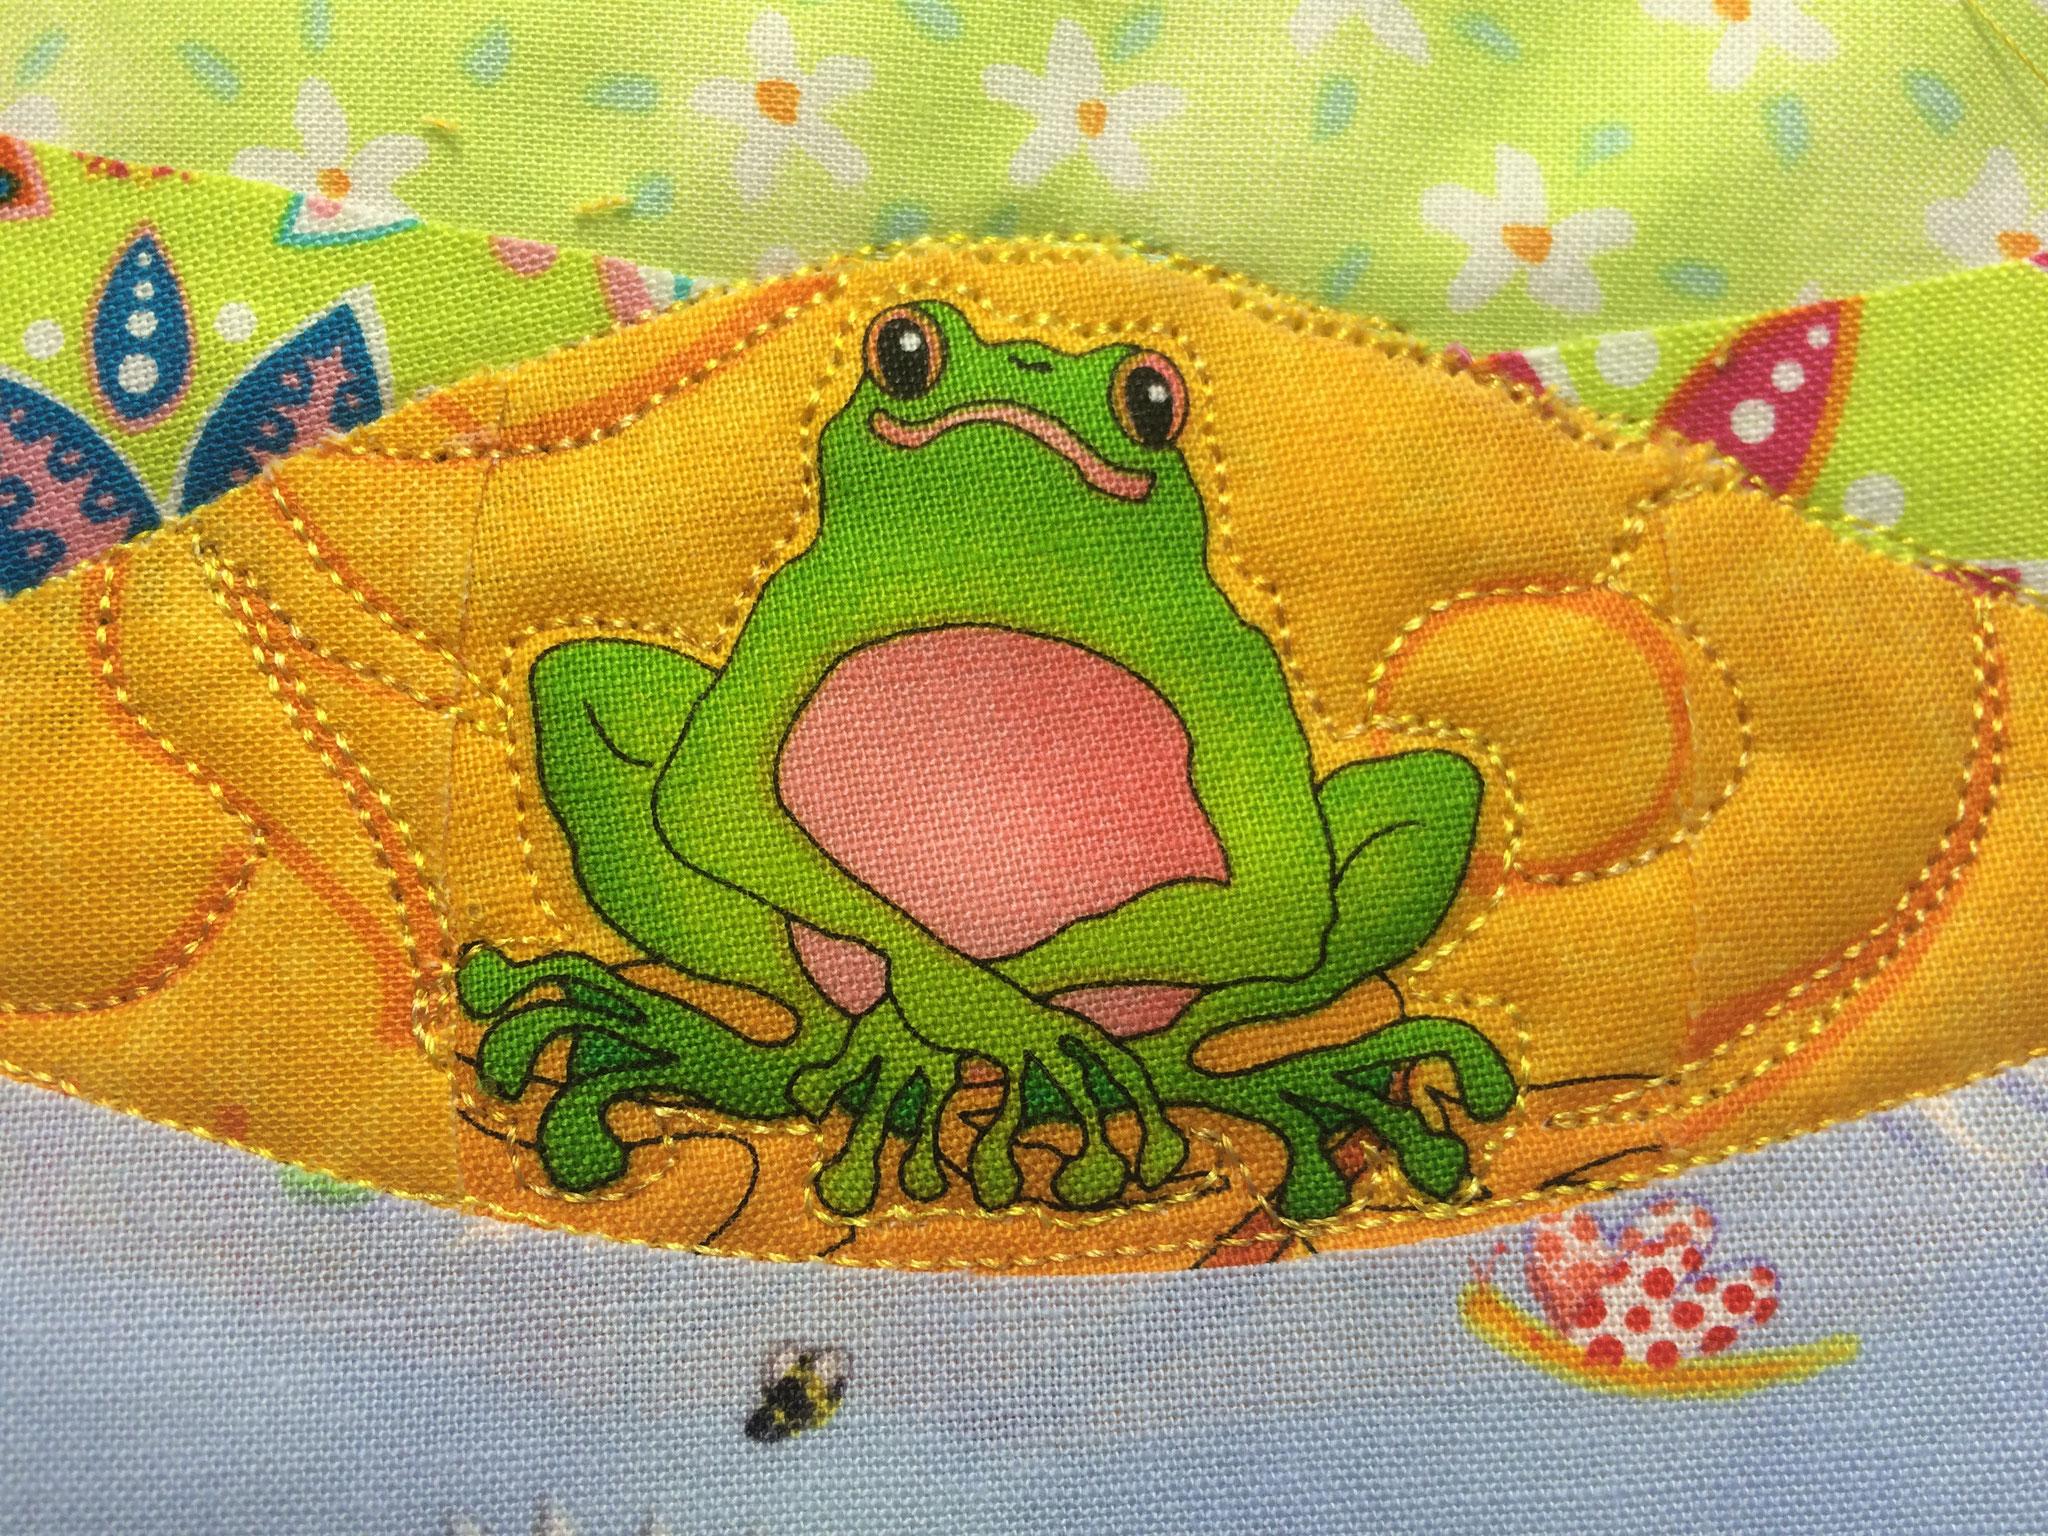 Le glorieux roi grenouille !